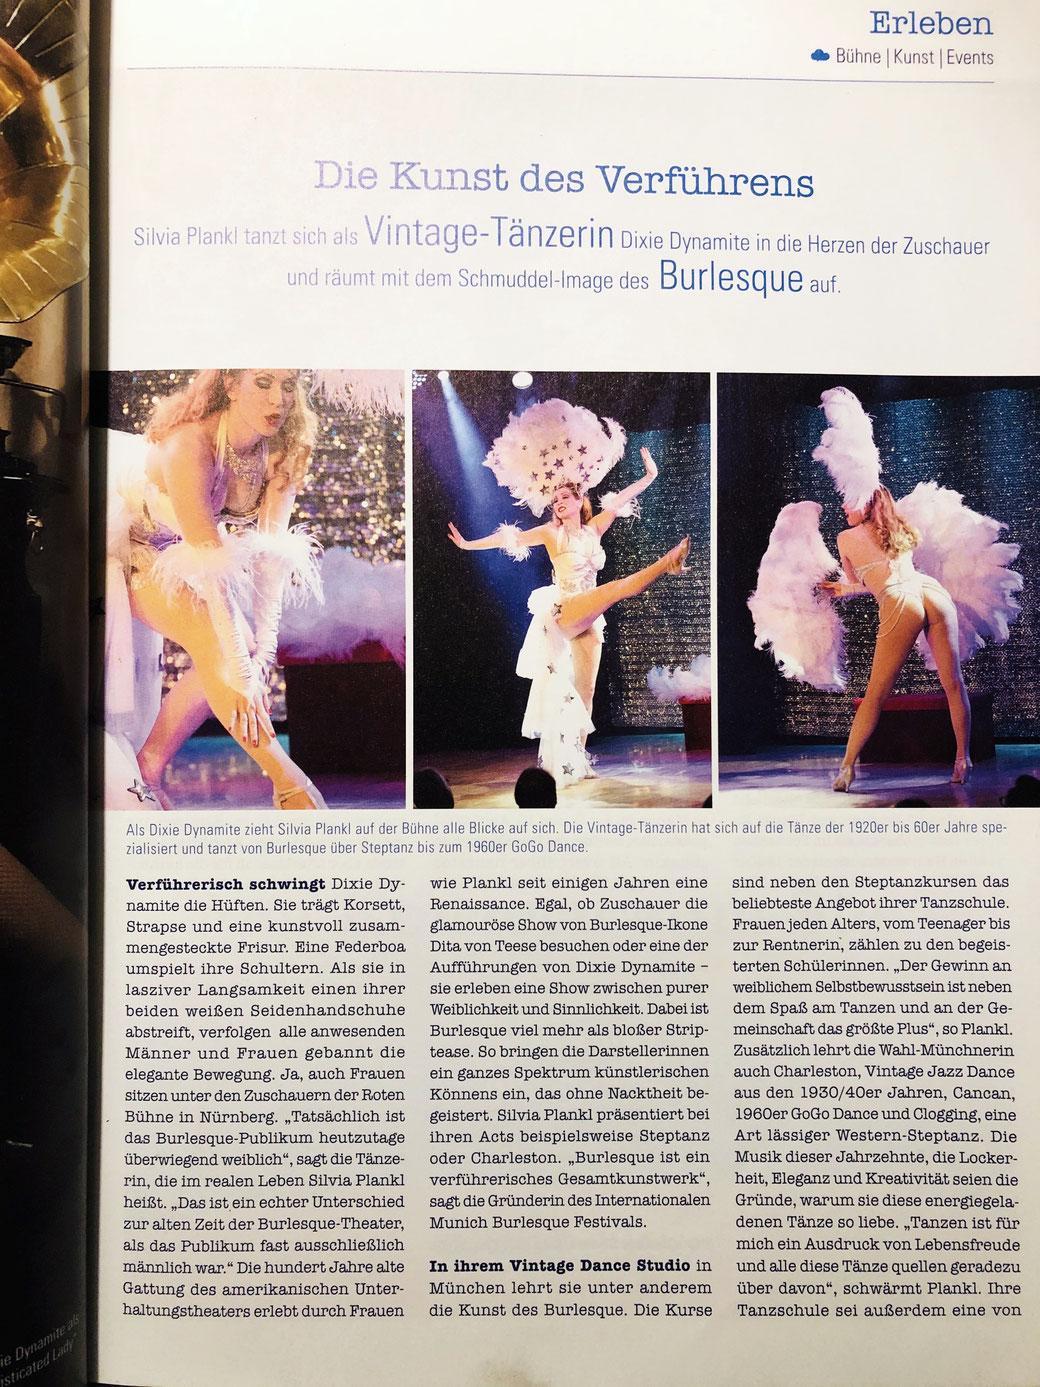 Burlesque Show Tänzerin buchen München, Vintage Dancer Dixie Dynamite, Silvia Plankl, Bericht, Heimatmagazin Oberbayern Tirol, Himmeblau, Burlesqueshow München Bayern Deutschland Germany Bavaria, Charlestontänzerin, Stepptänzerin